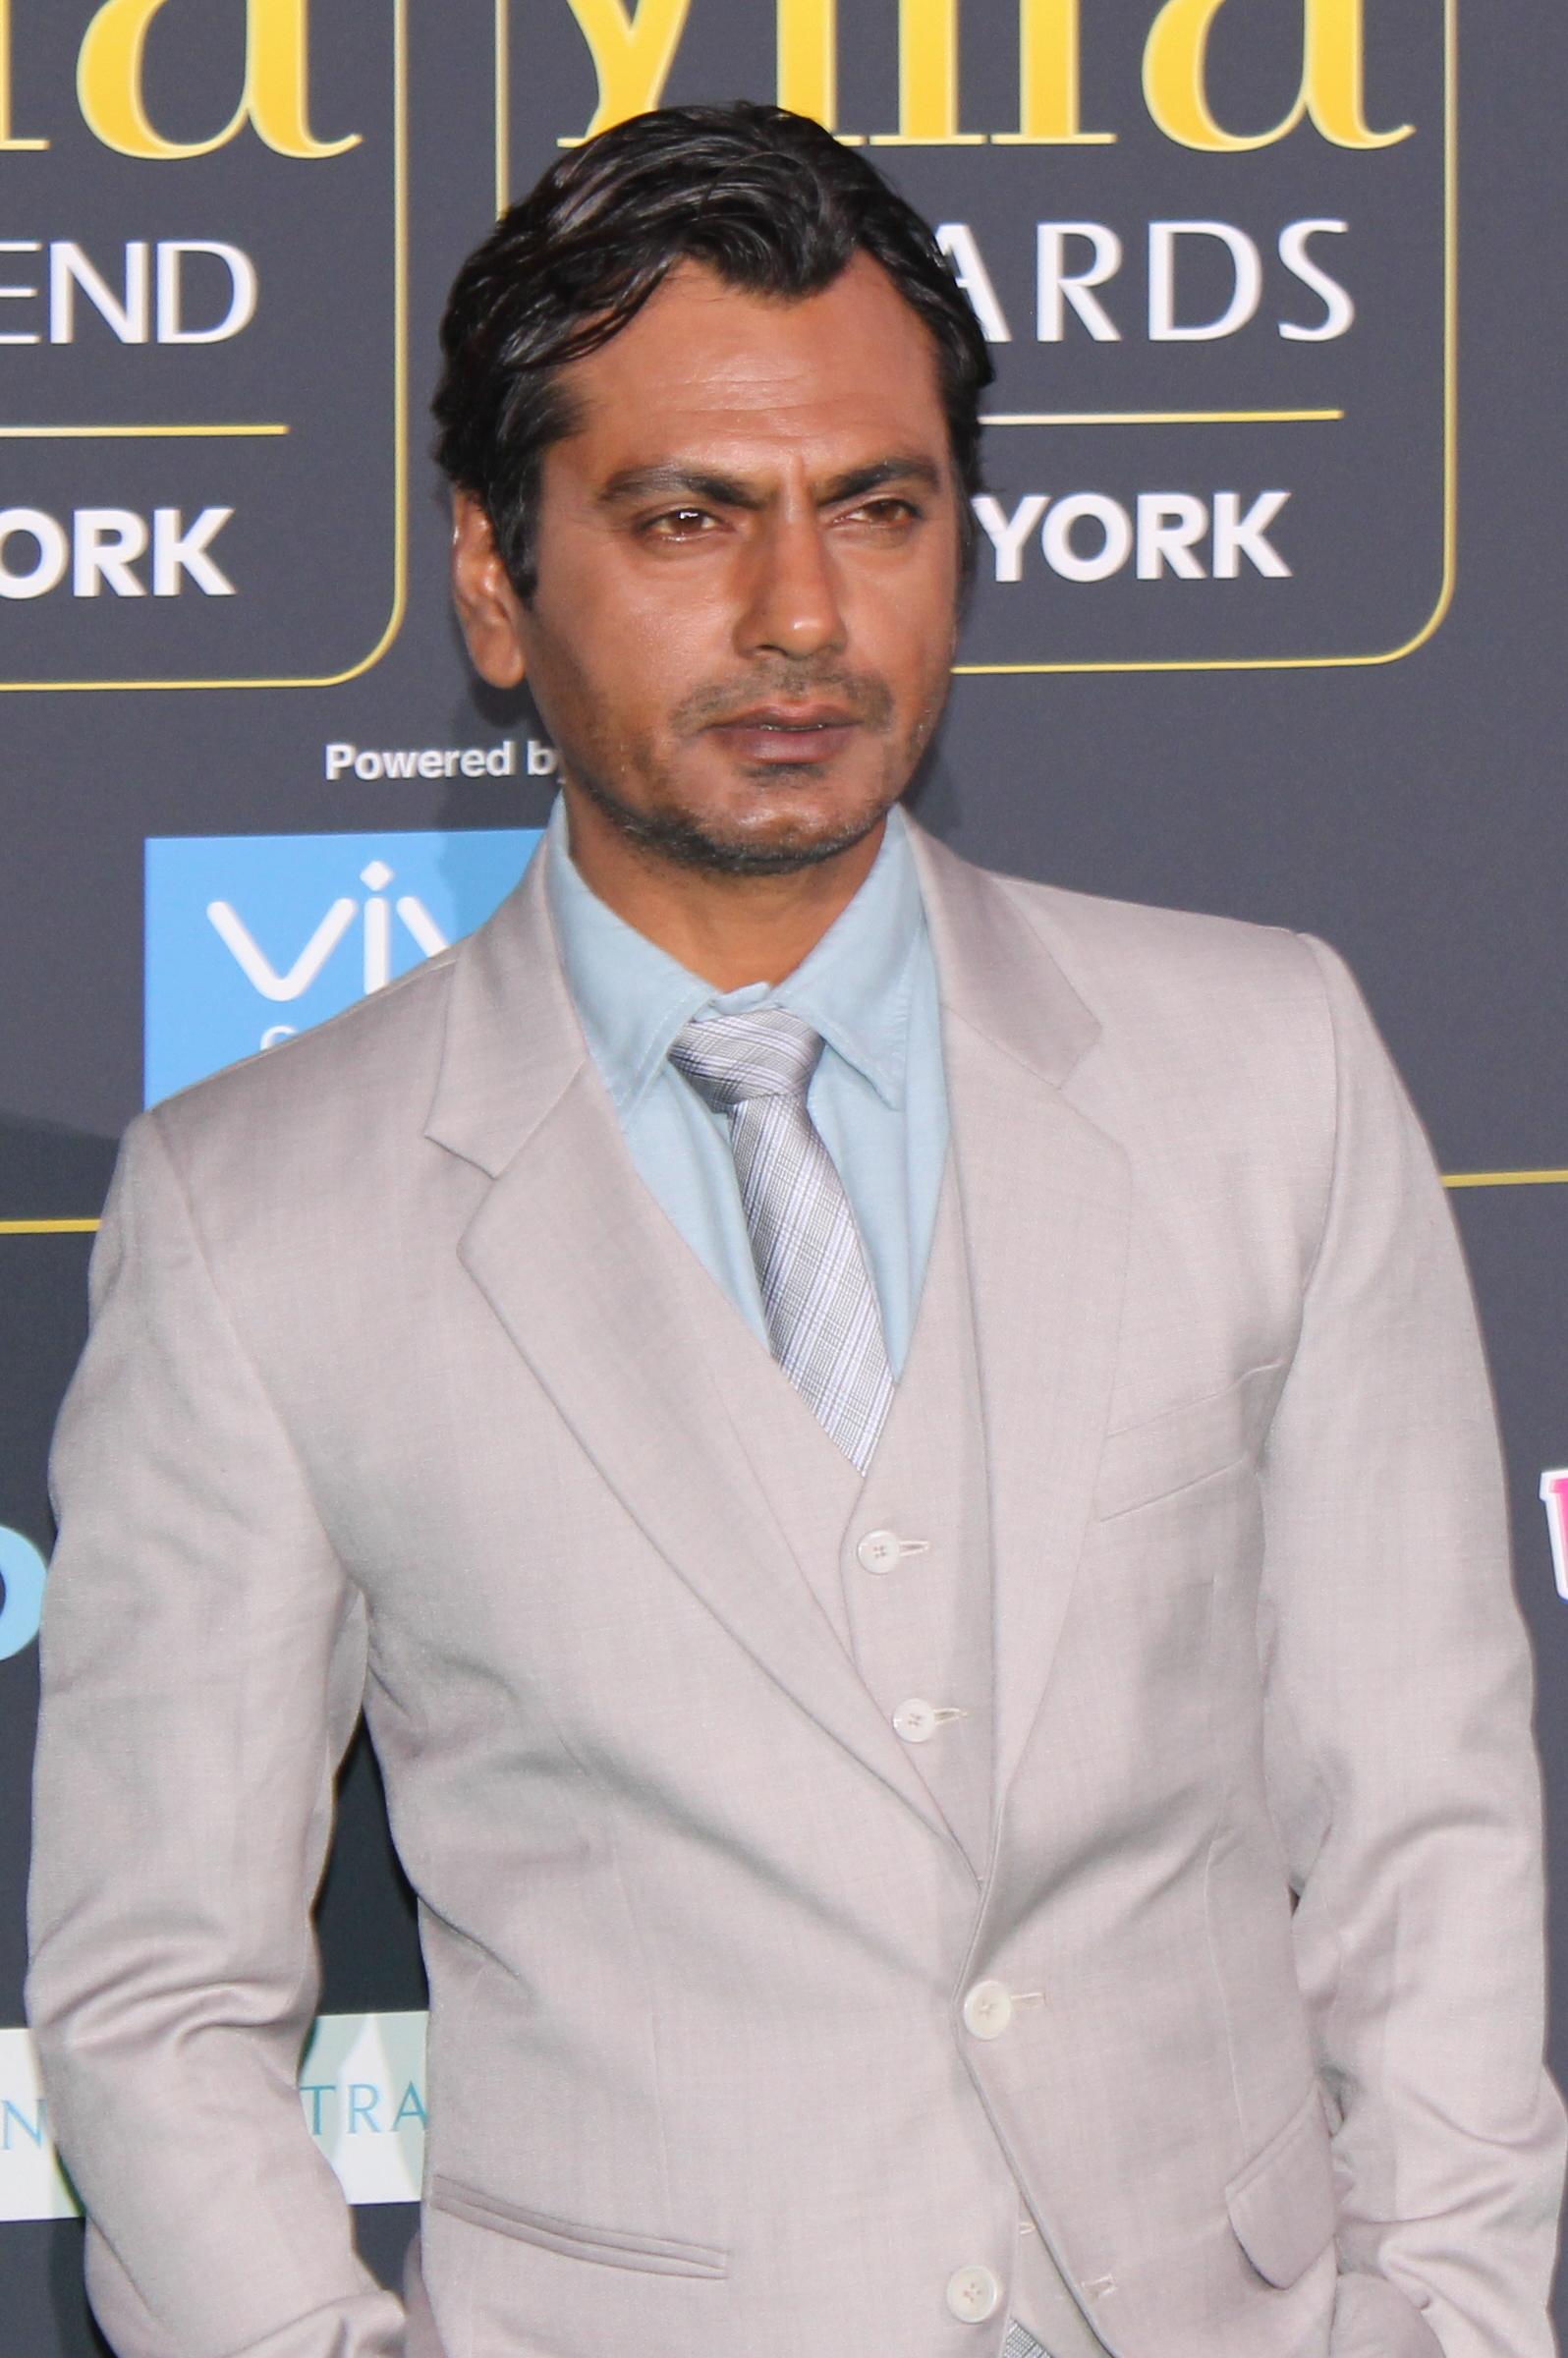 Nawazuddin Siddiqui - Wikipedia